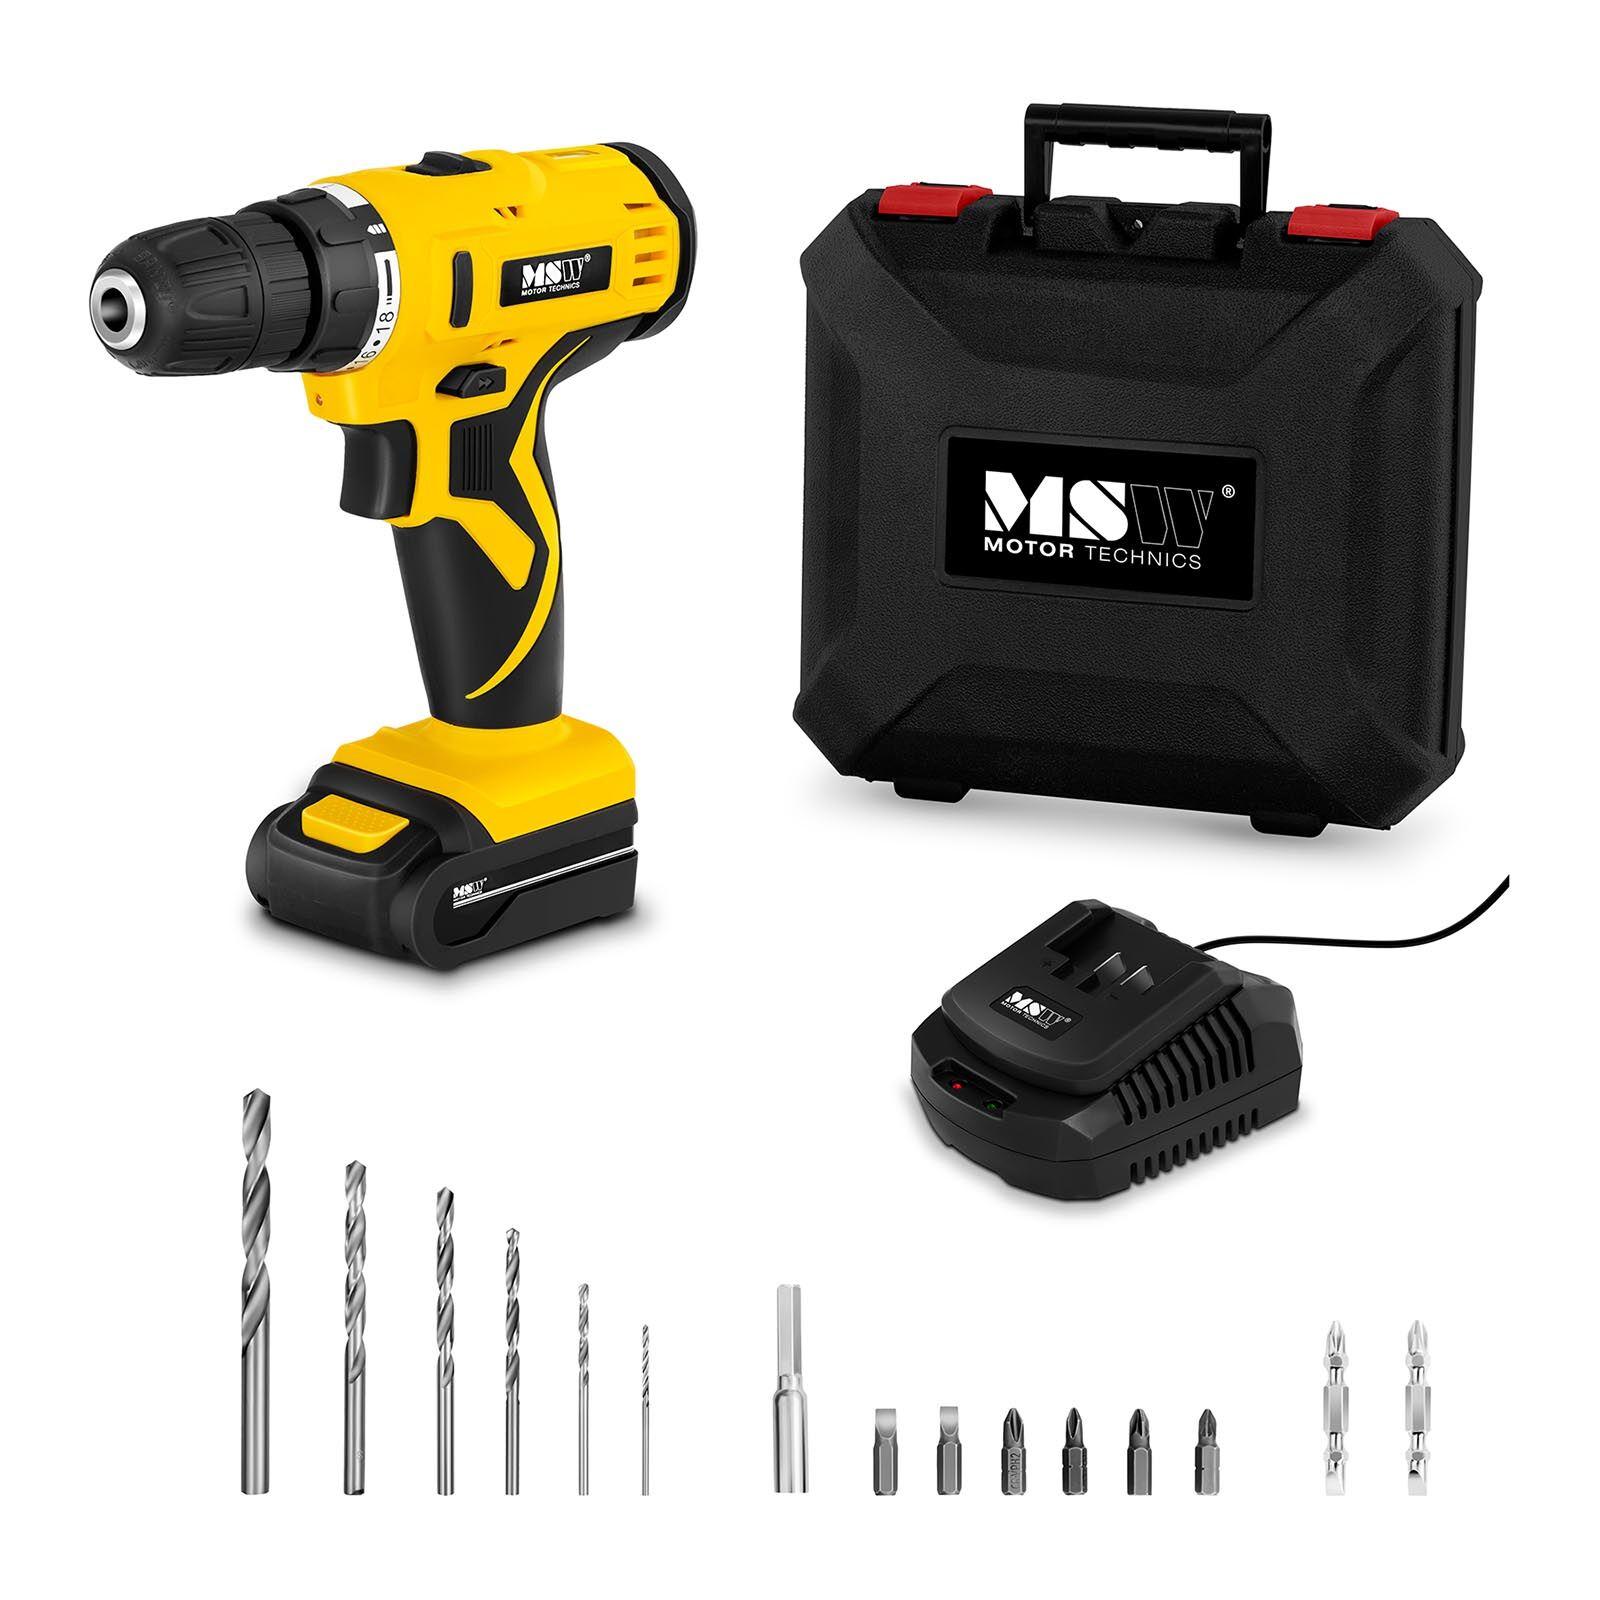 MSW Perceuse-visseuse sans fil - 1 500 tr/min - 30 Nm - 1 batterie incluse dans le kit MSW-CDR10VL